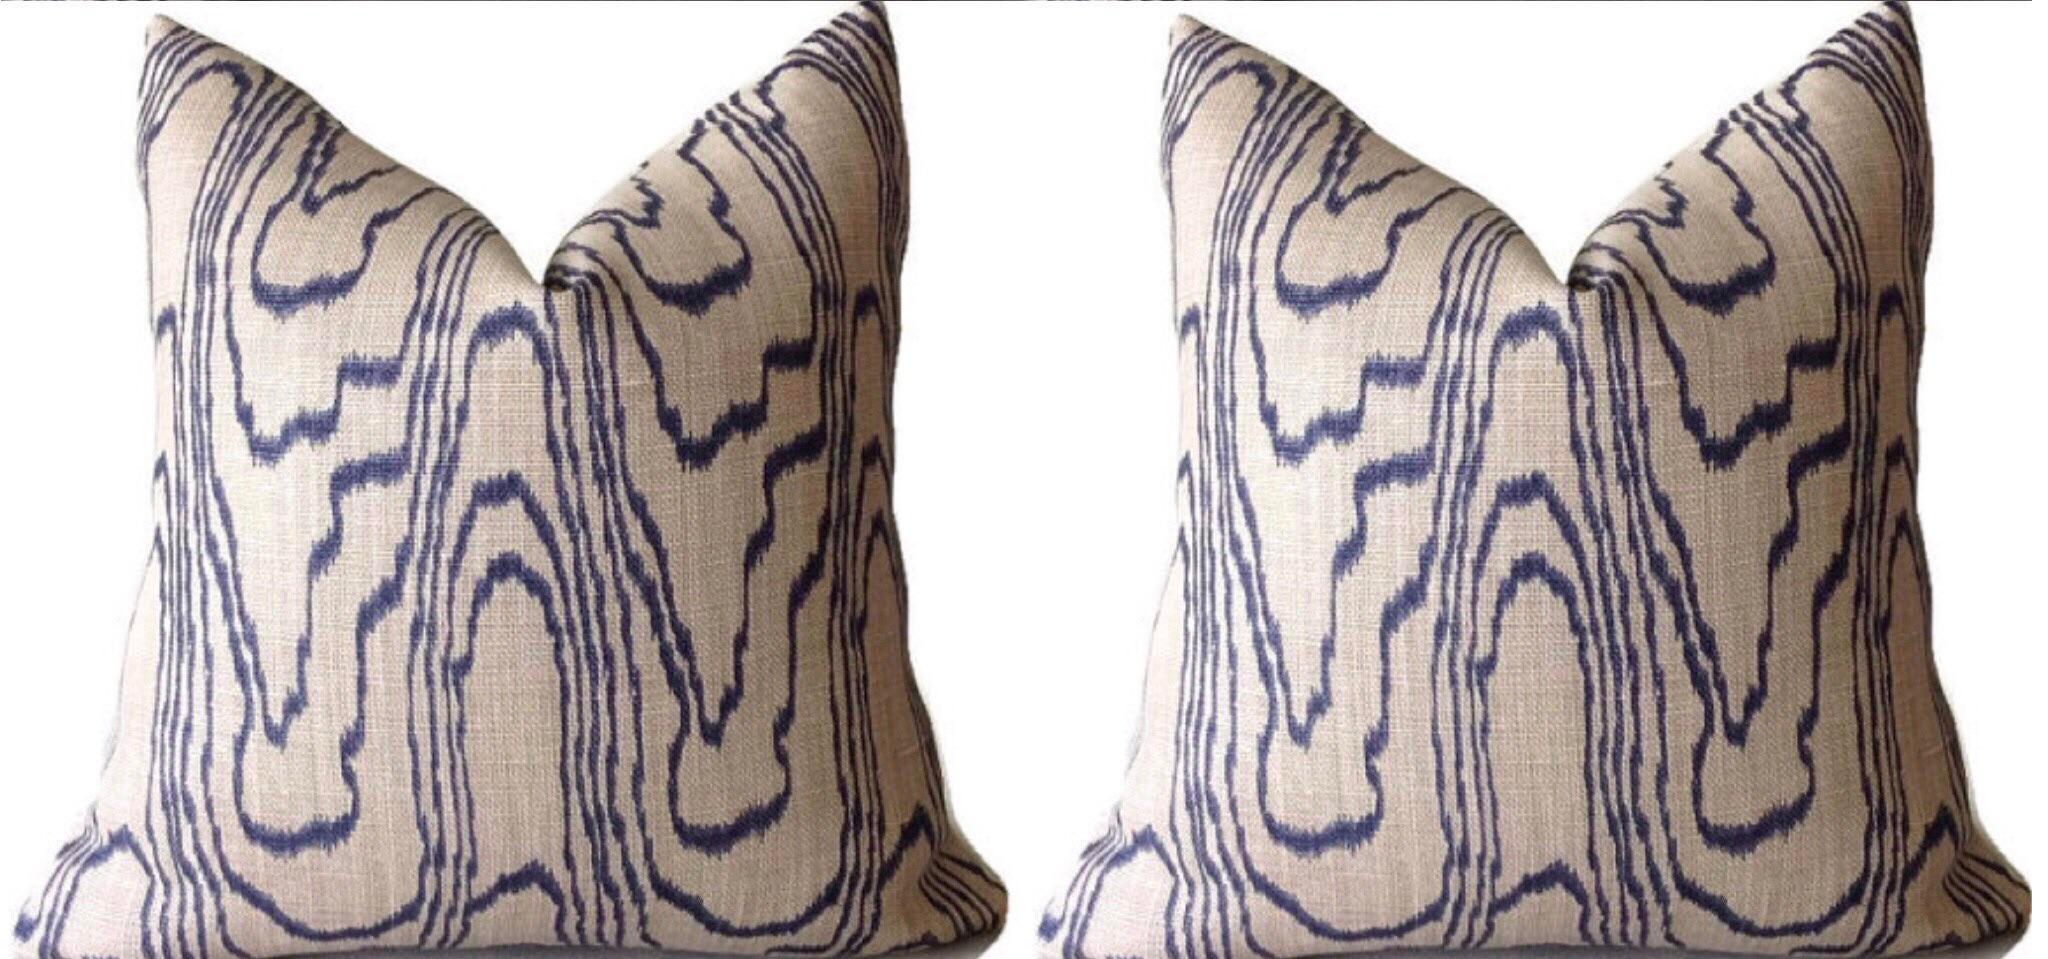 Contemporary Slate Blue Swirl Linen Pillow Covers A Pair On Chairish Com Linen Pillow Covers Pillows Linen Pillows